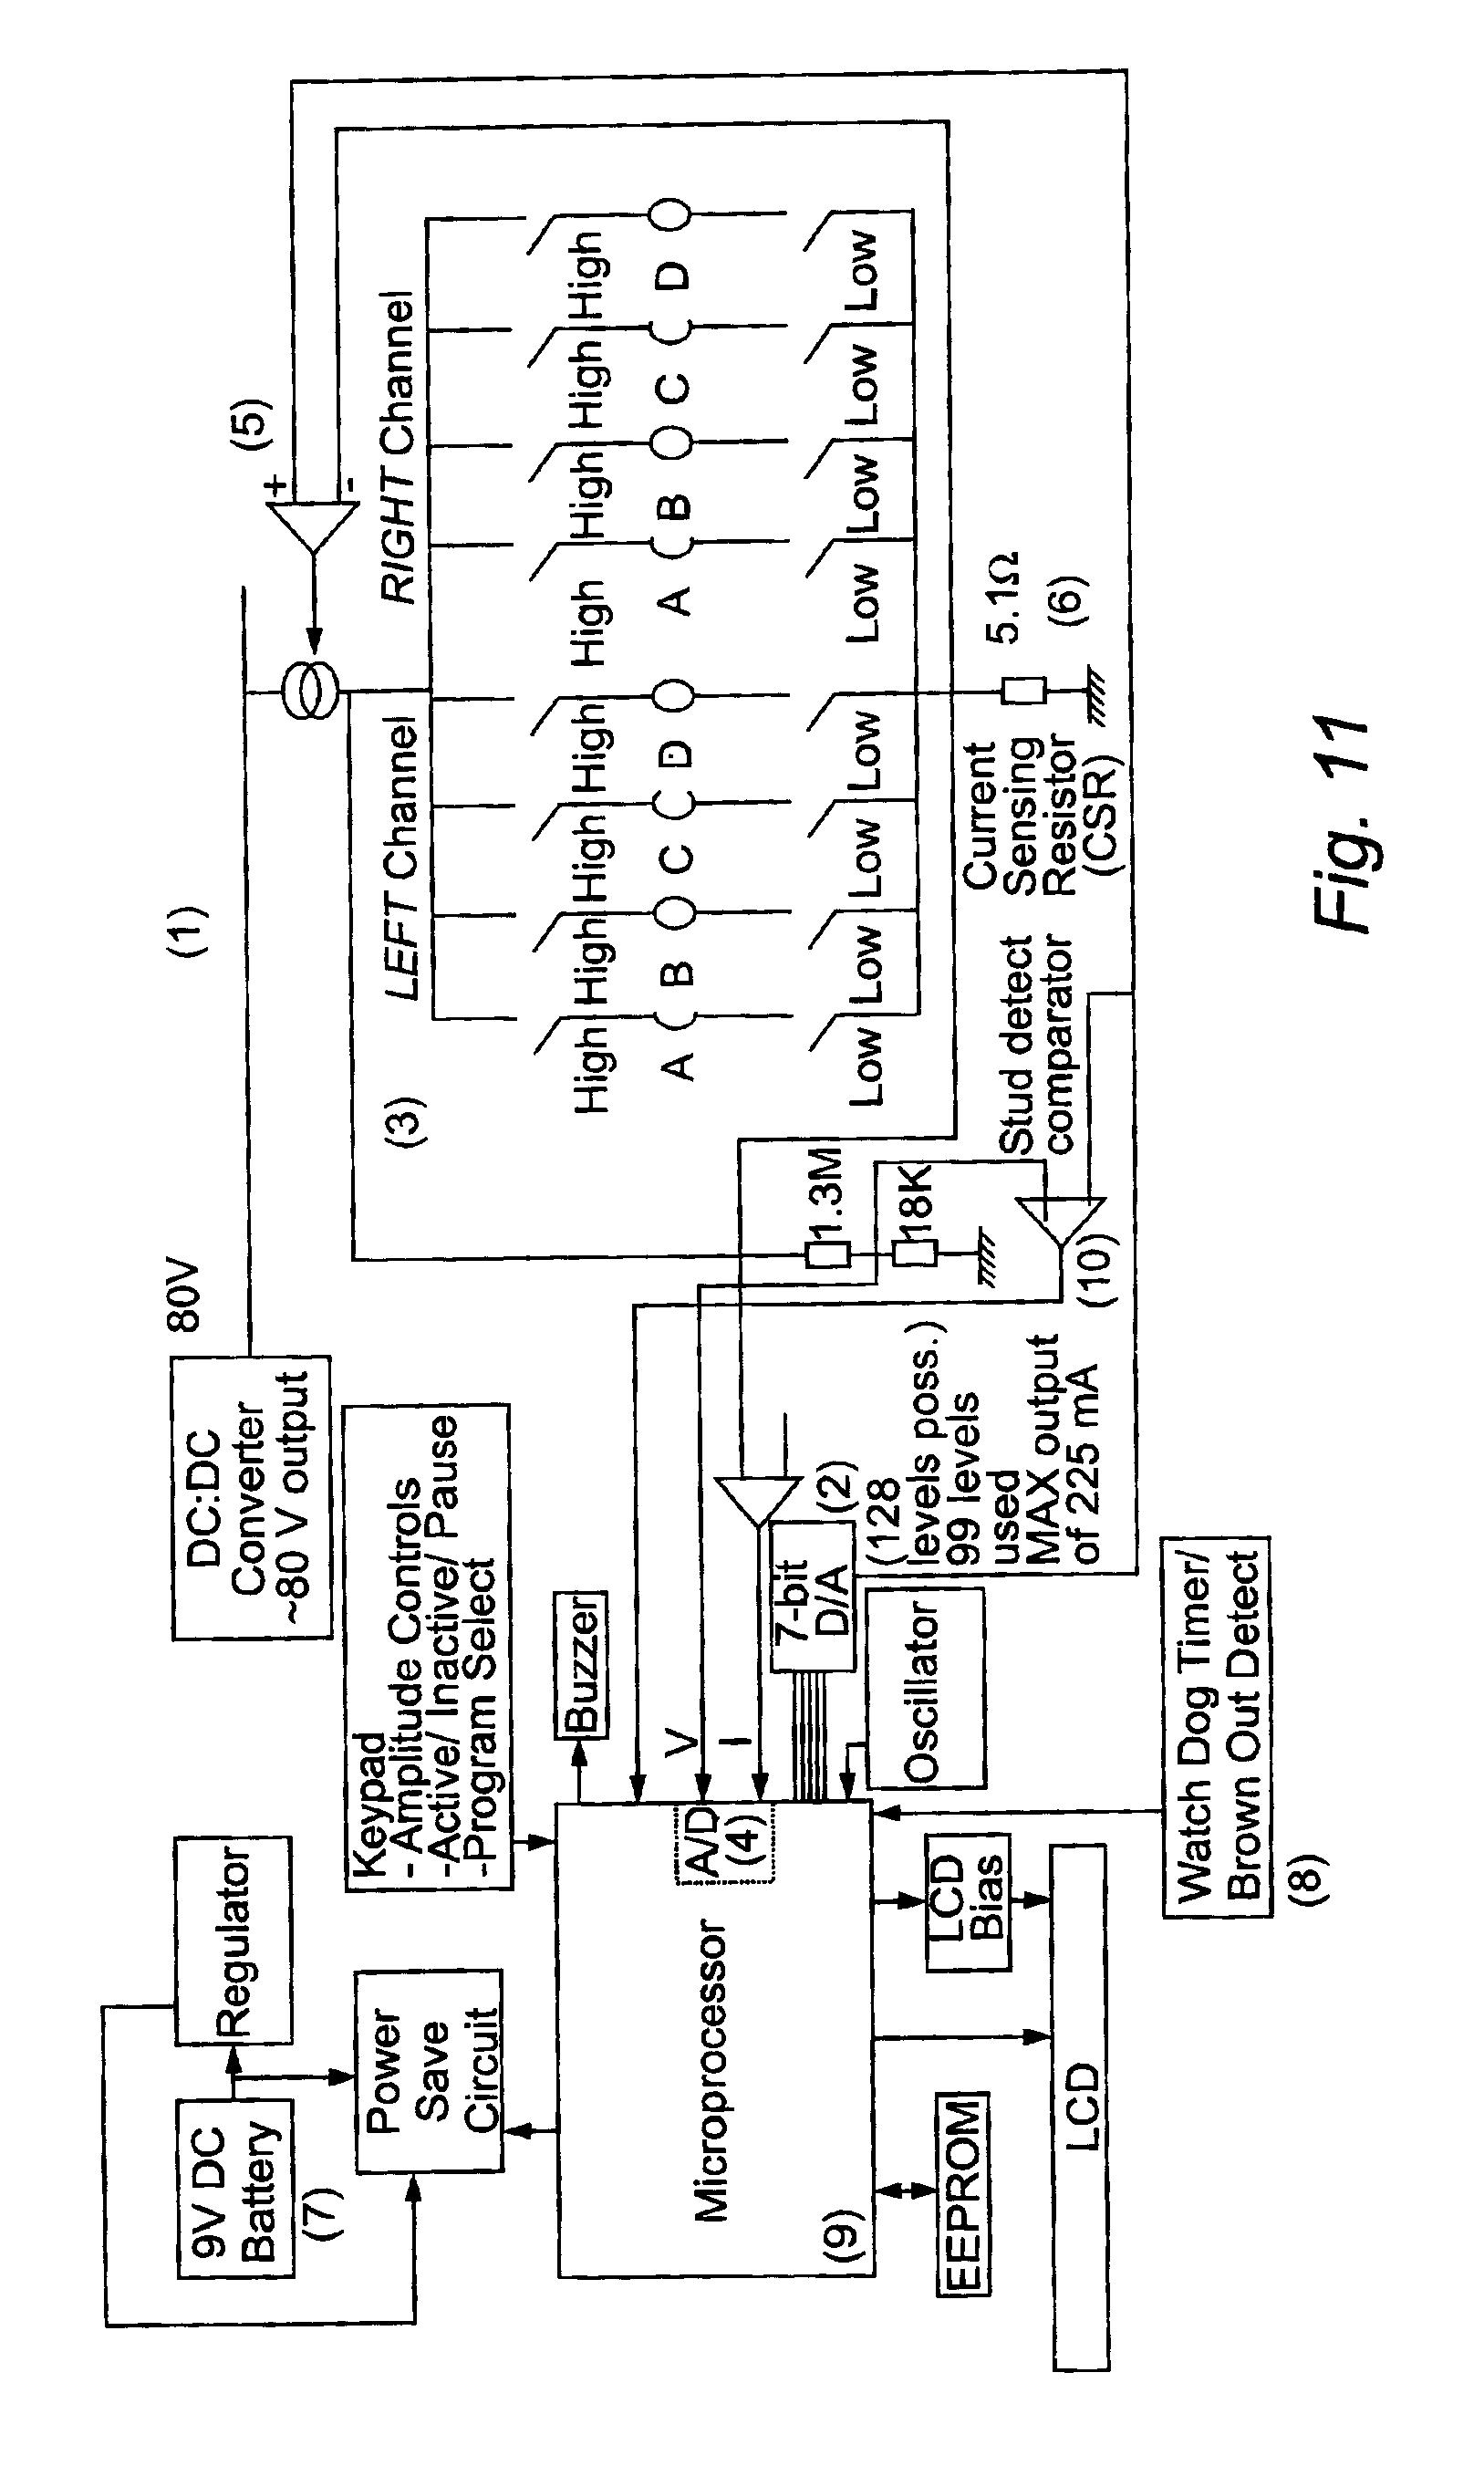 patent us6944503